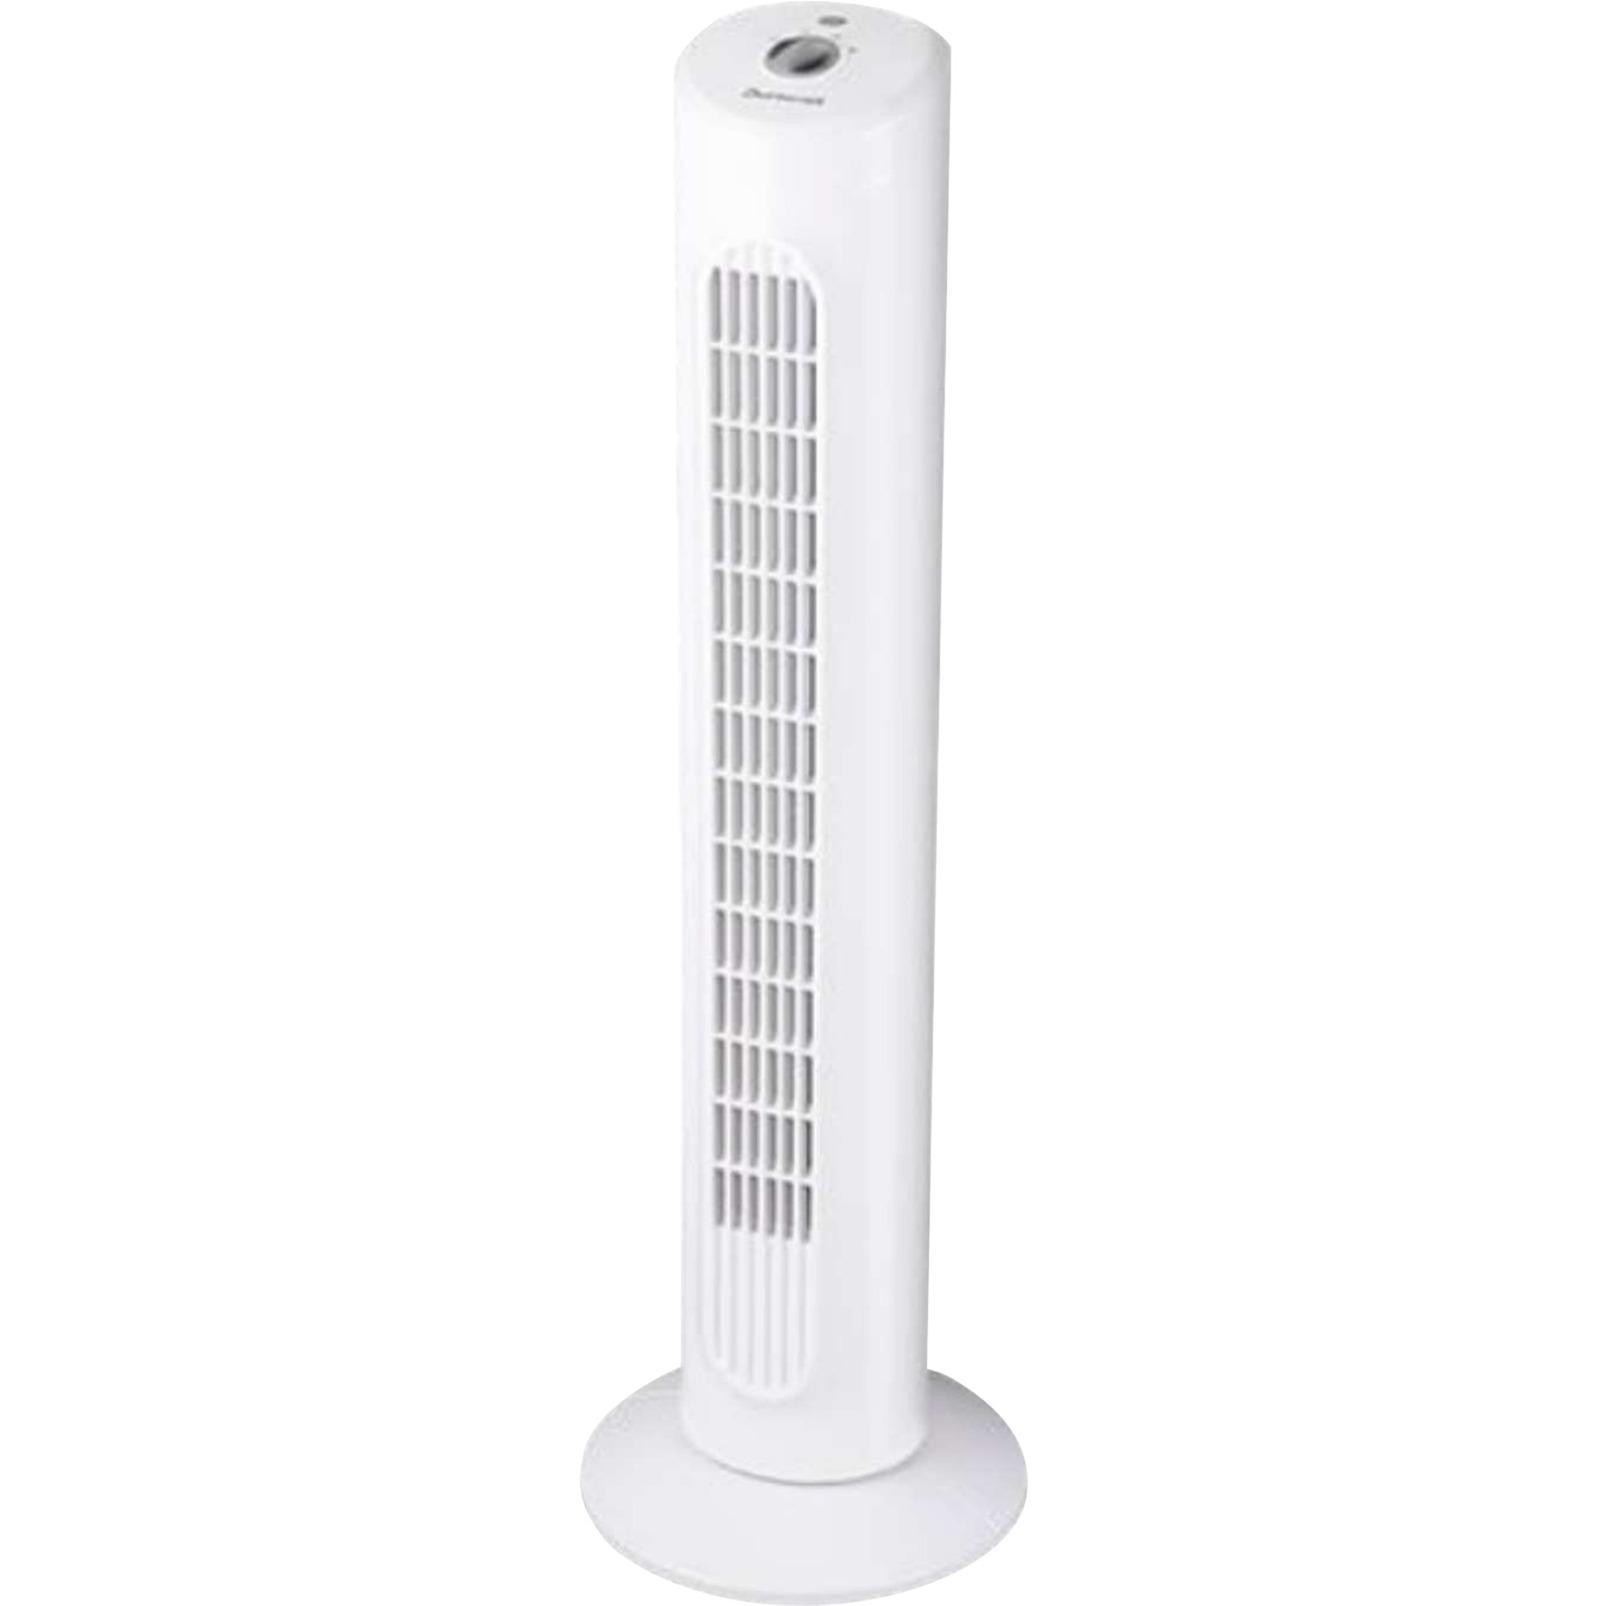 DO1100E 40W Color blanco ventilador